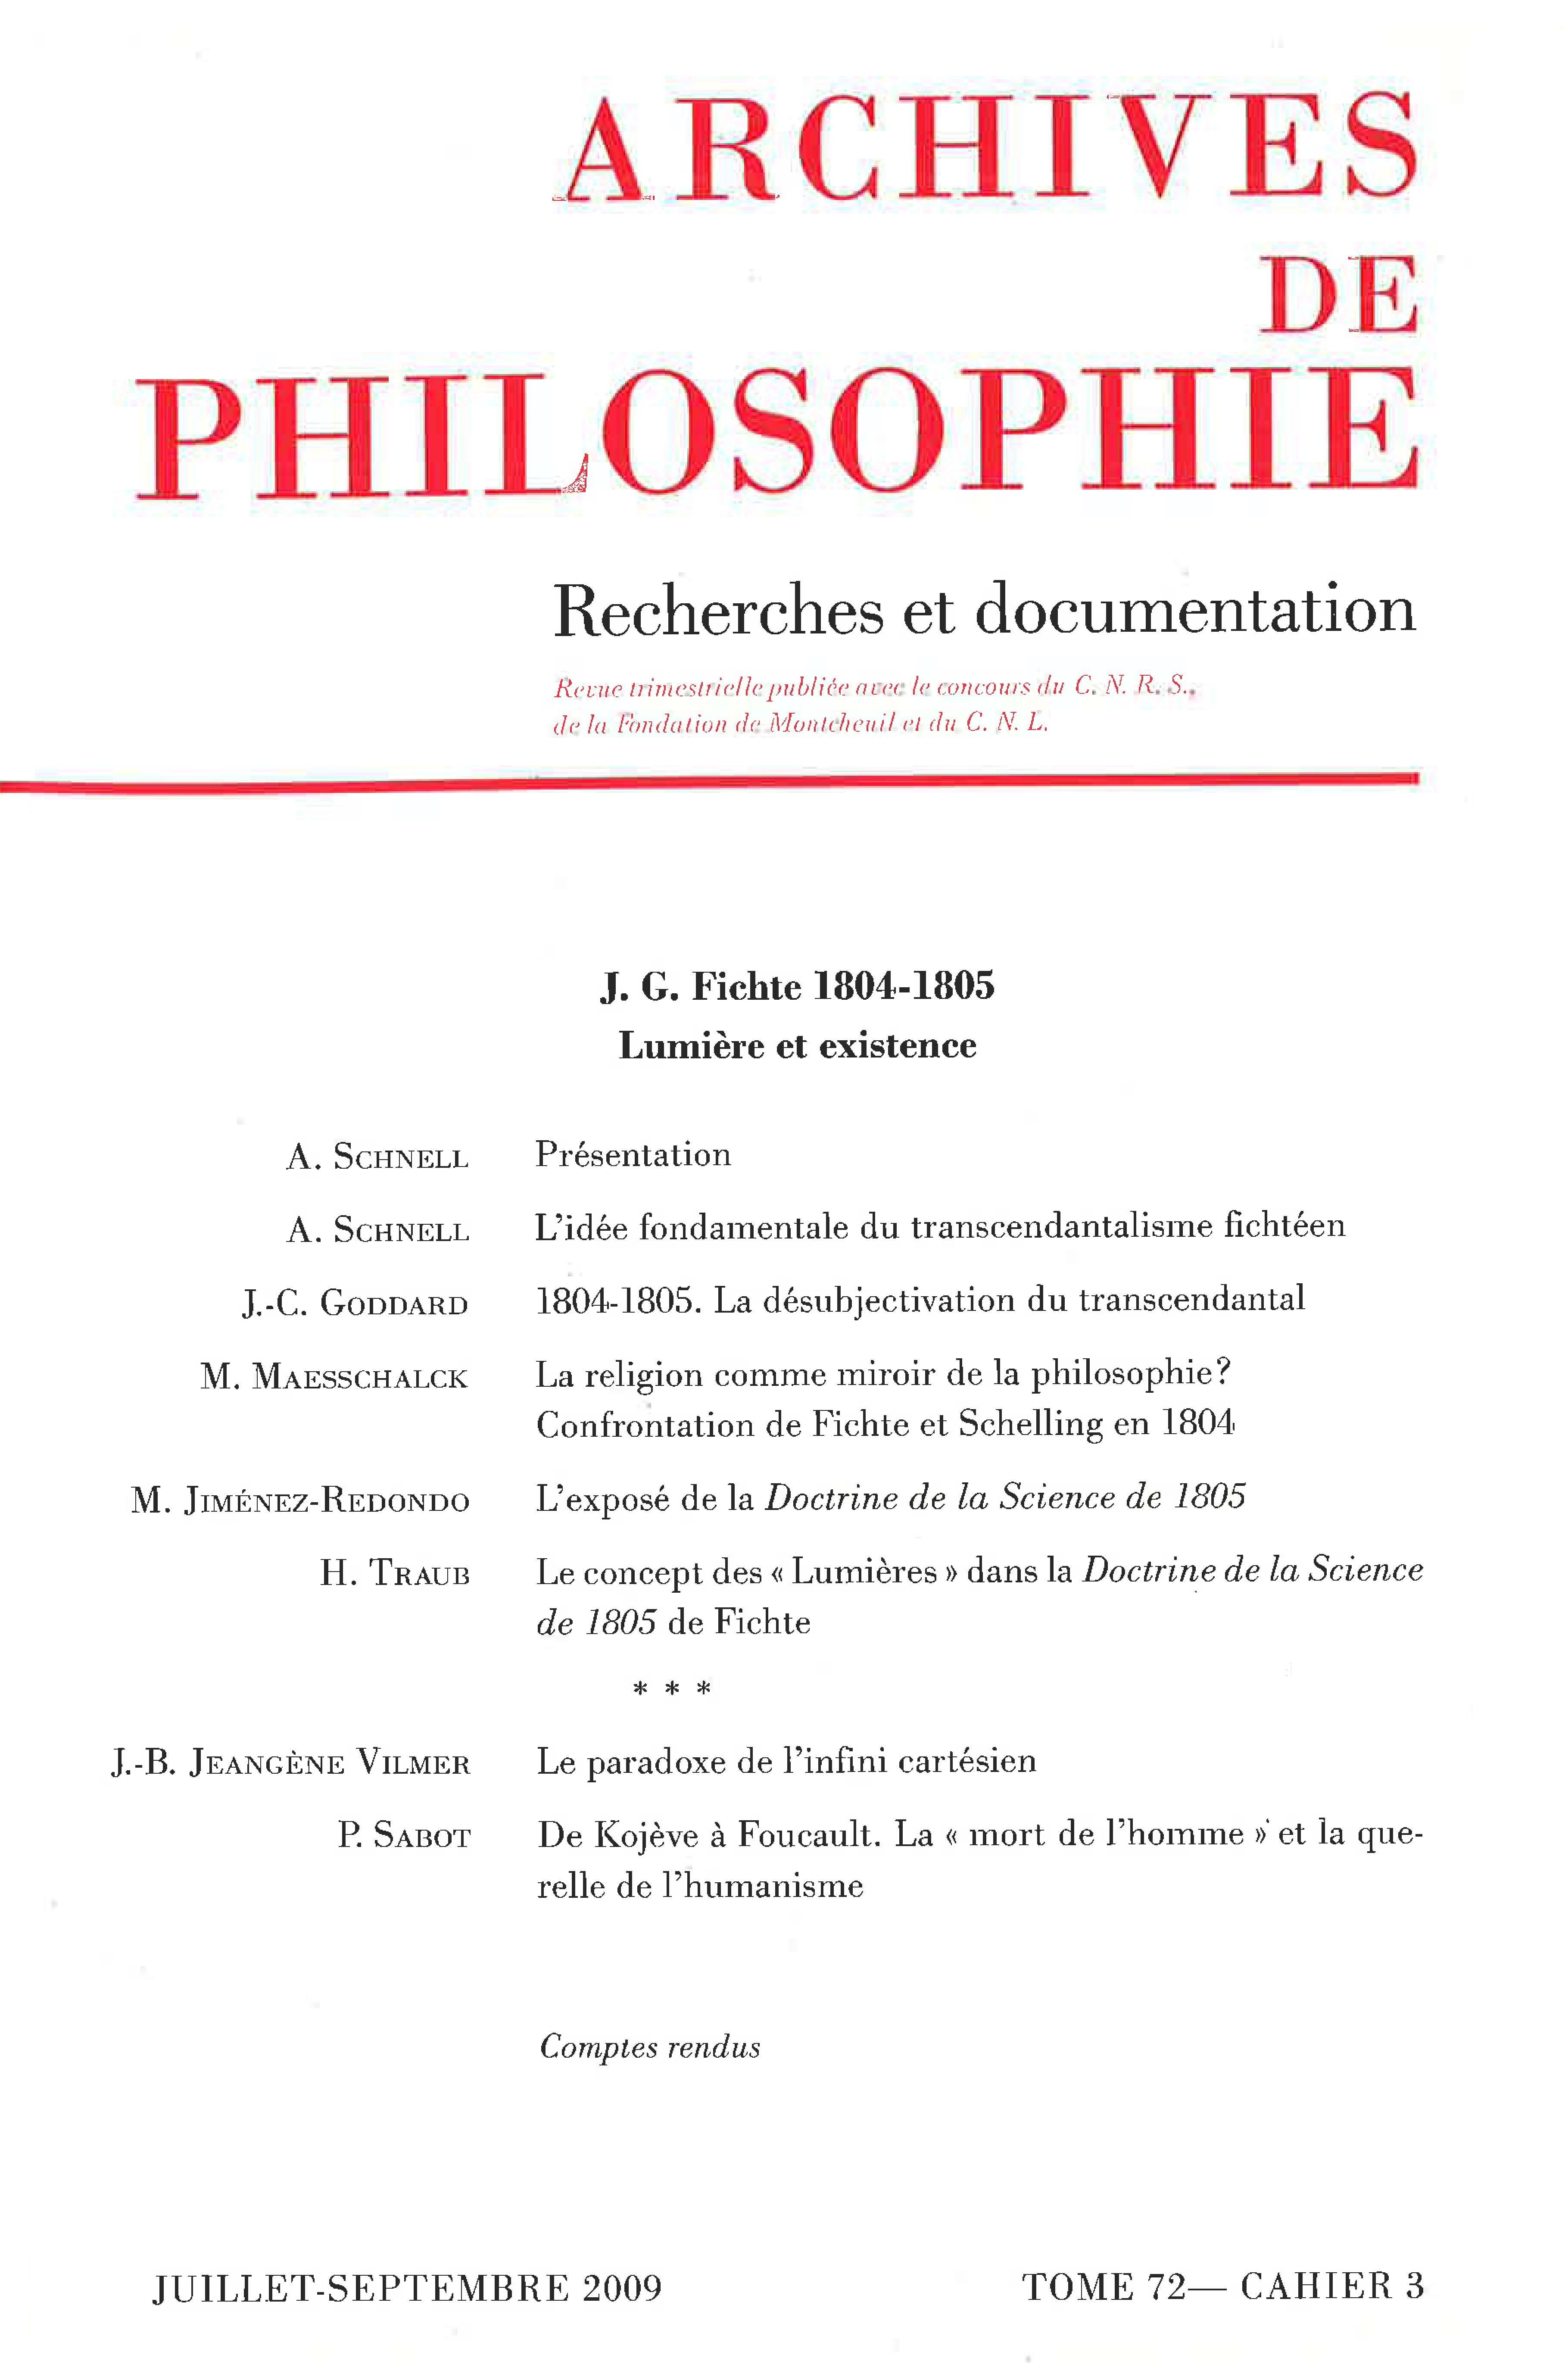 Le Paradoxe De Linfini Cartésien Cairninfo